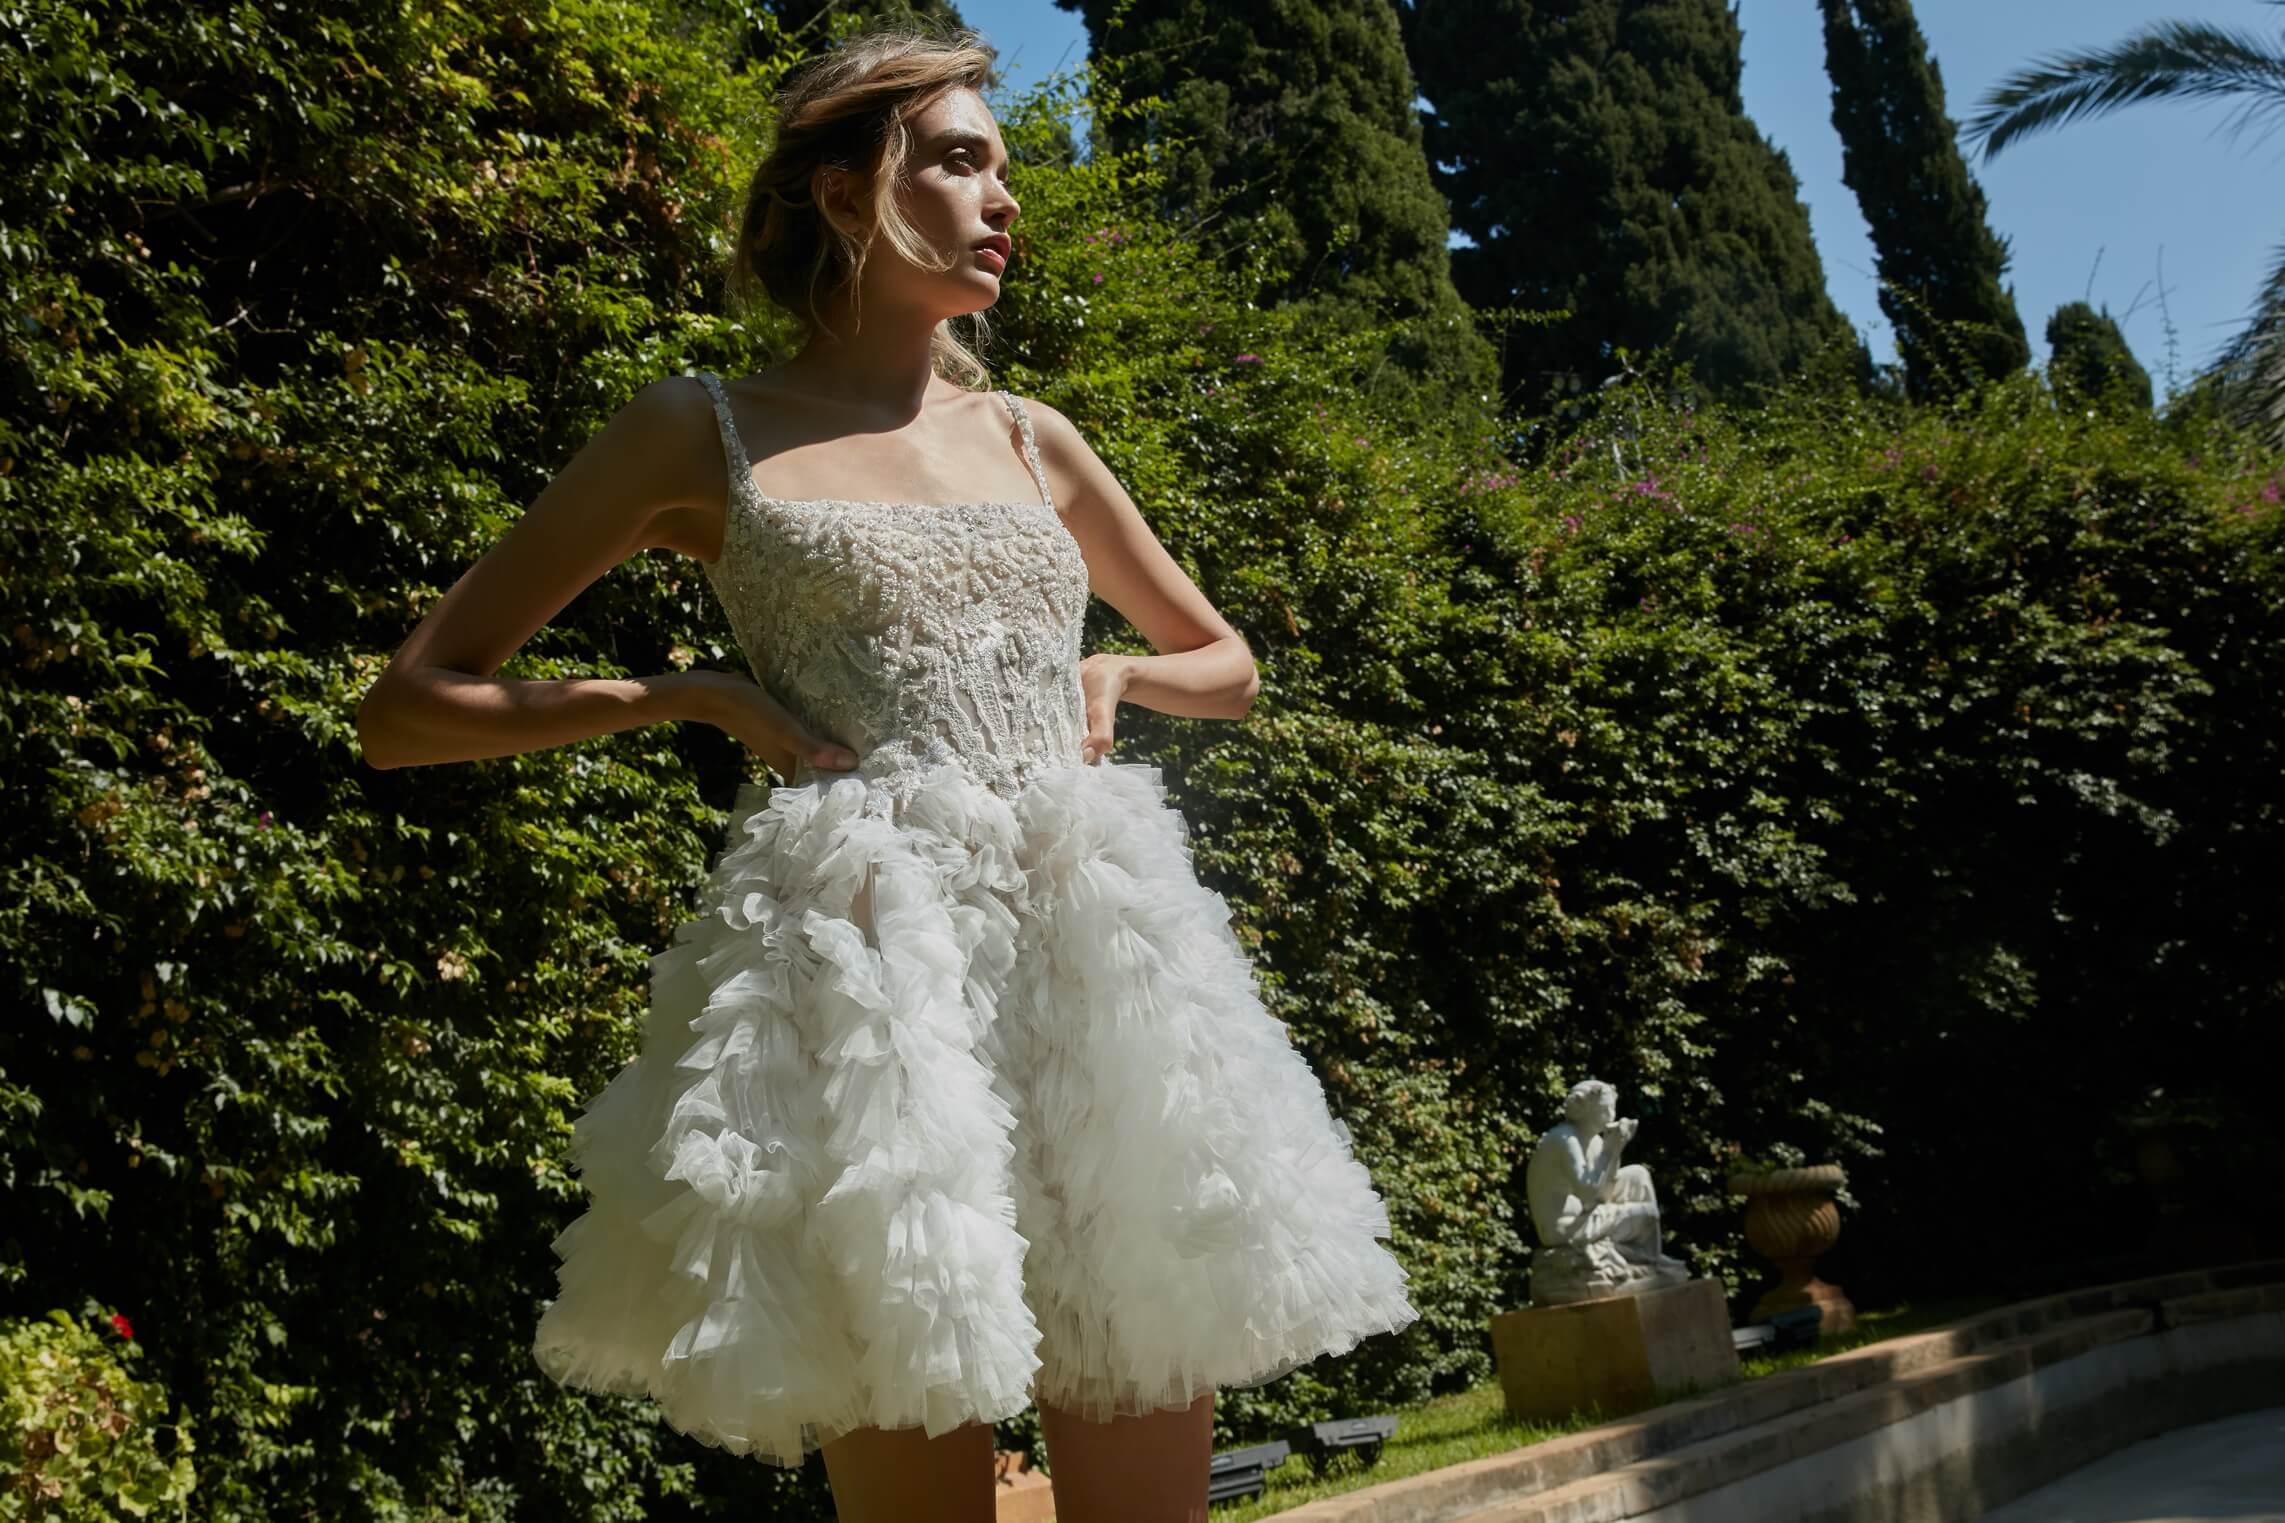 مجموعة  la mariée  للمصمم طوني ورد تنبض أنوثة لخريف 2020 2